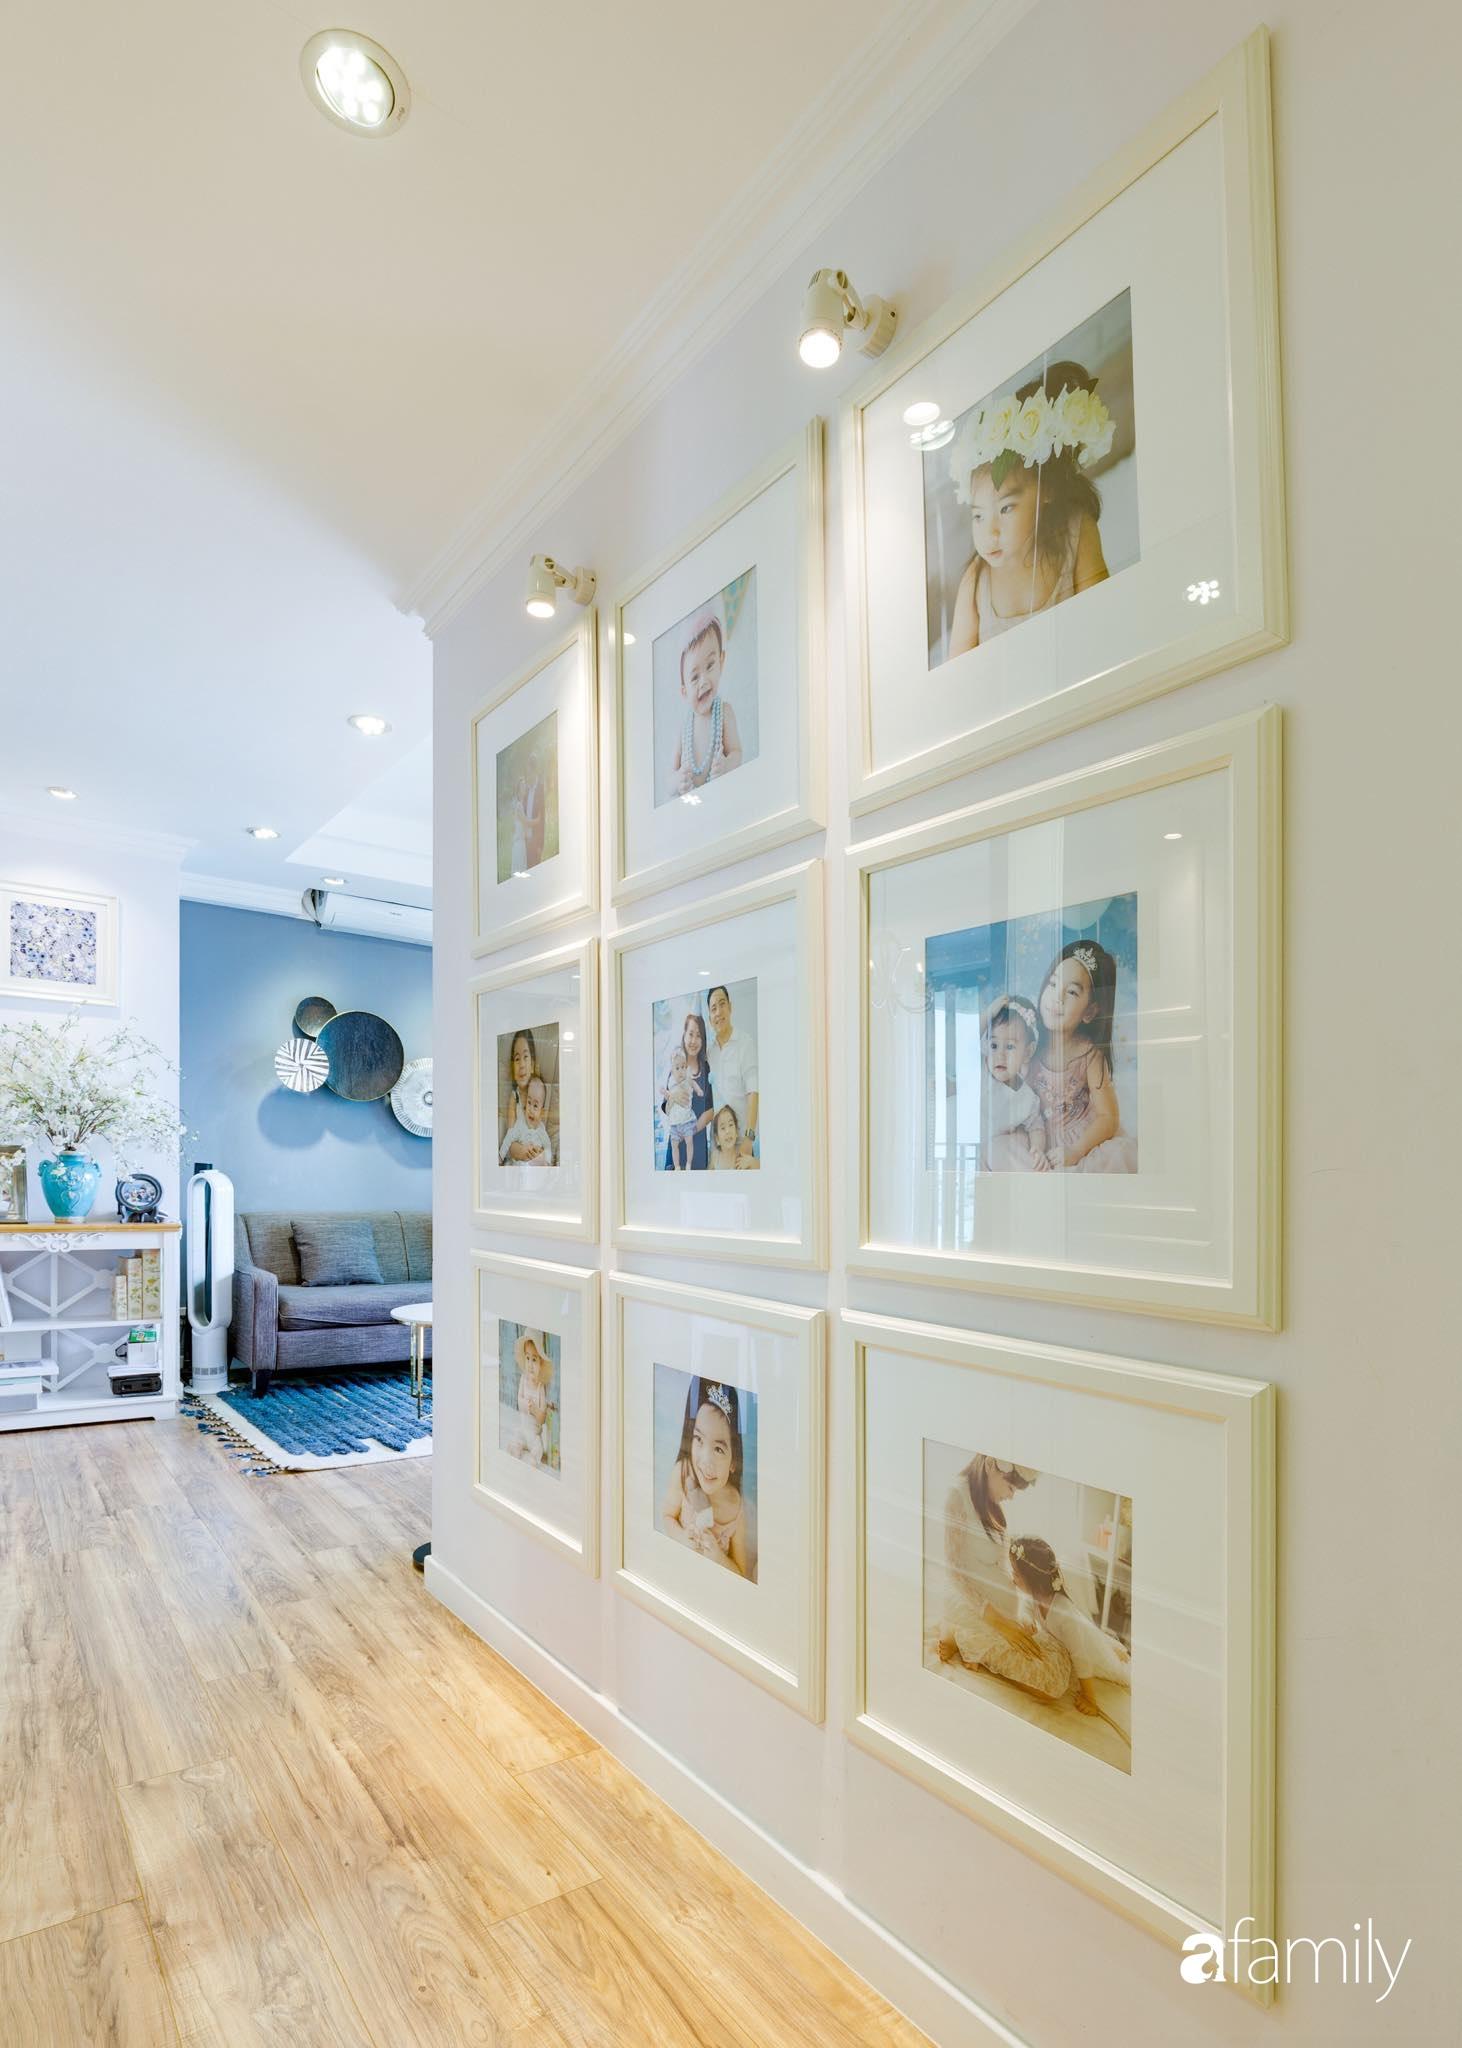 Căn hộ 92m² với góc nào cũng đẹp như trong tạp chí nước ngoài của gia chủ yêu thích trang trí nội thất ở Sài Gòn - Ảnh 3.